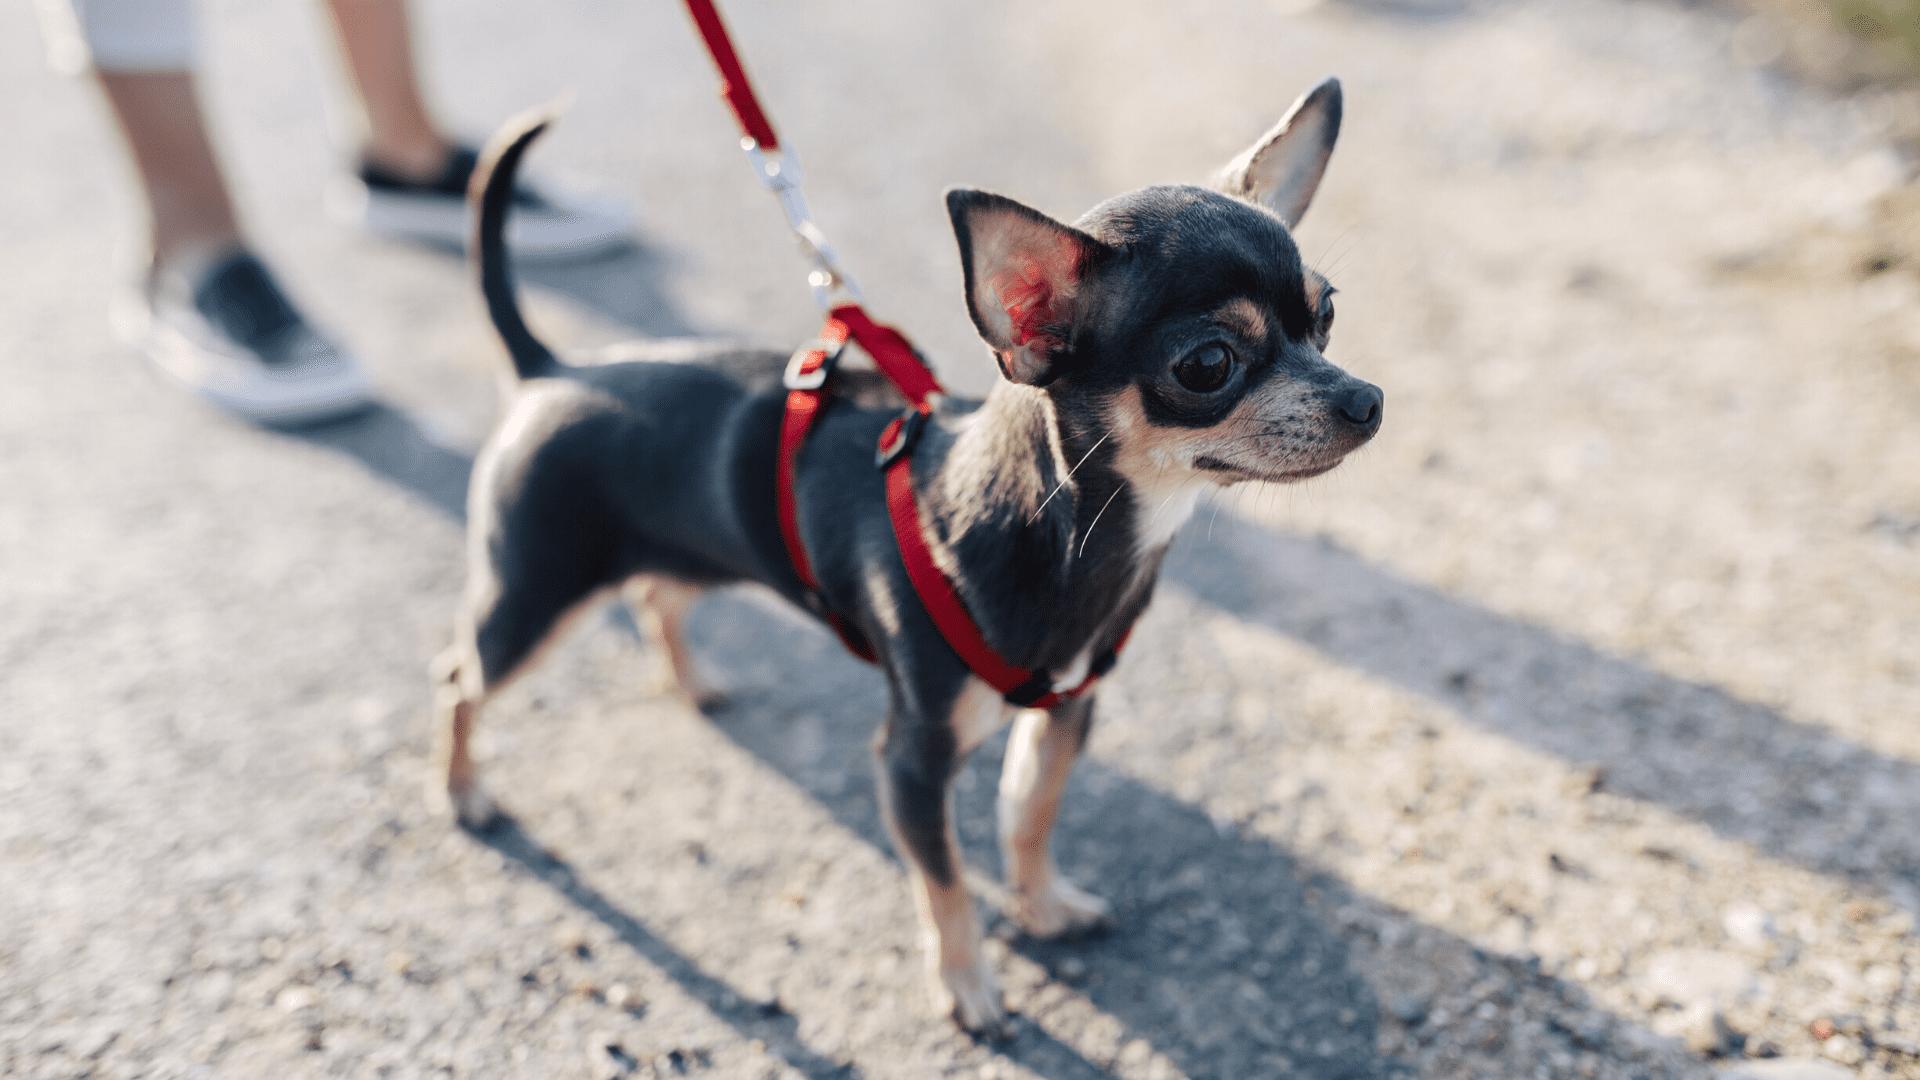 A coleira peitoral é a queridinha de todos, pois serve tanto para cachorros grandes quanto para cachorros pequenos (Reprodução/Shutterstock)